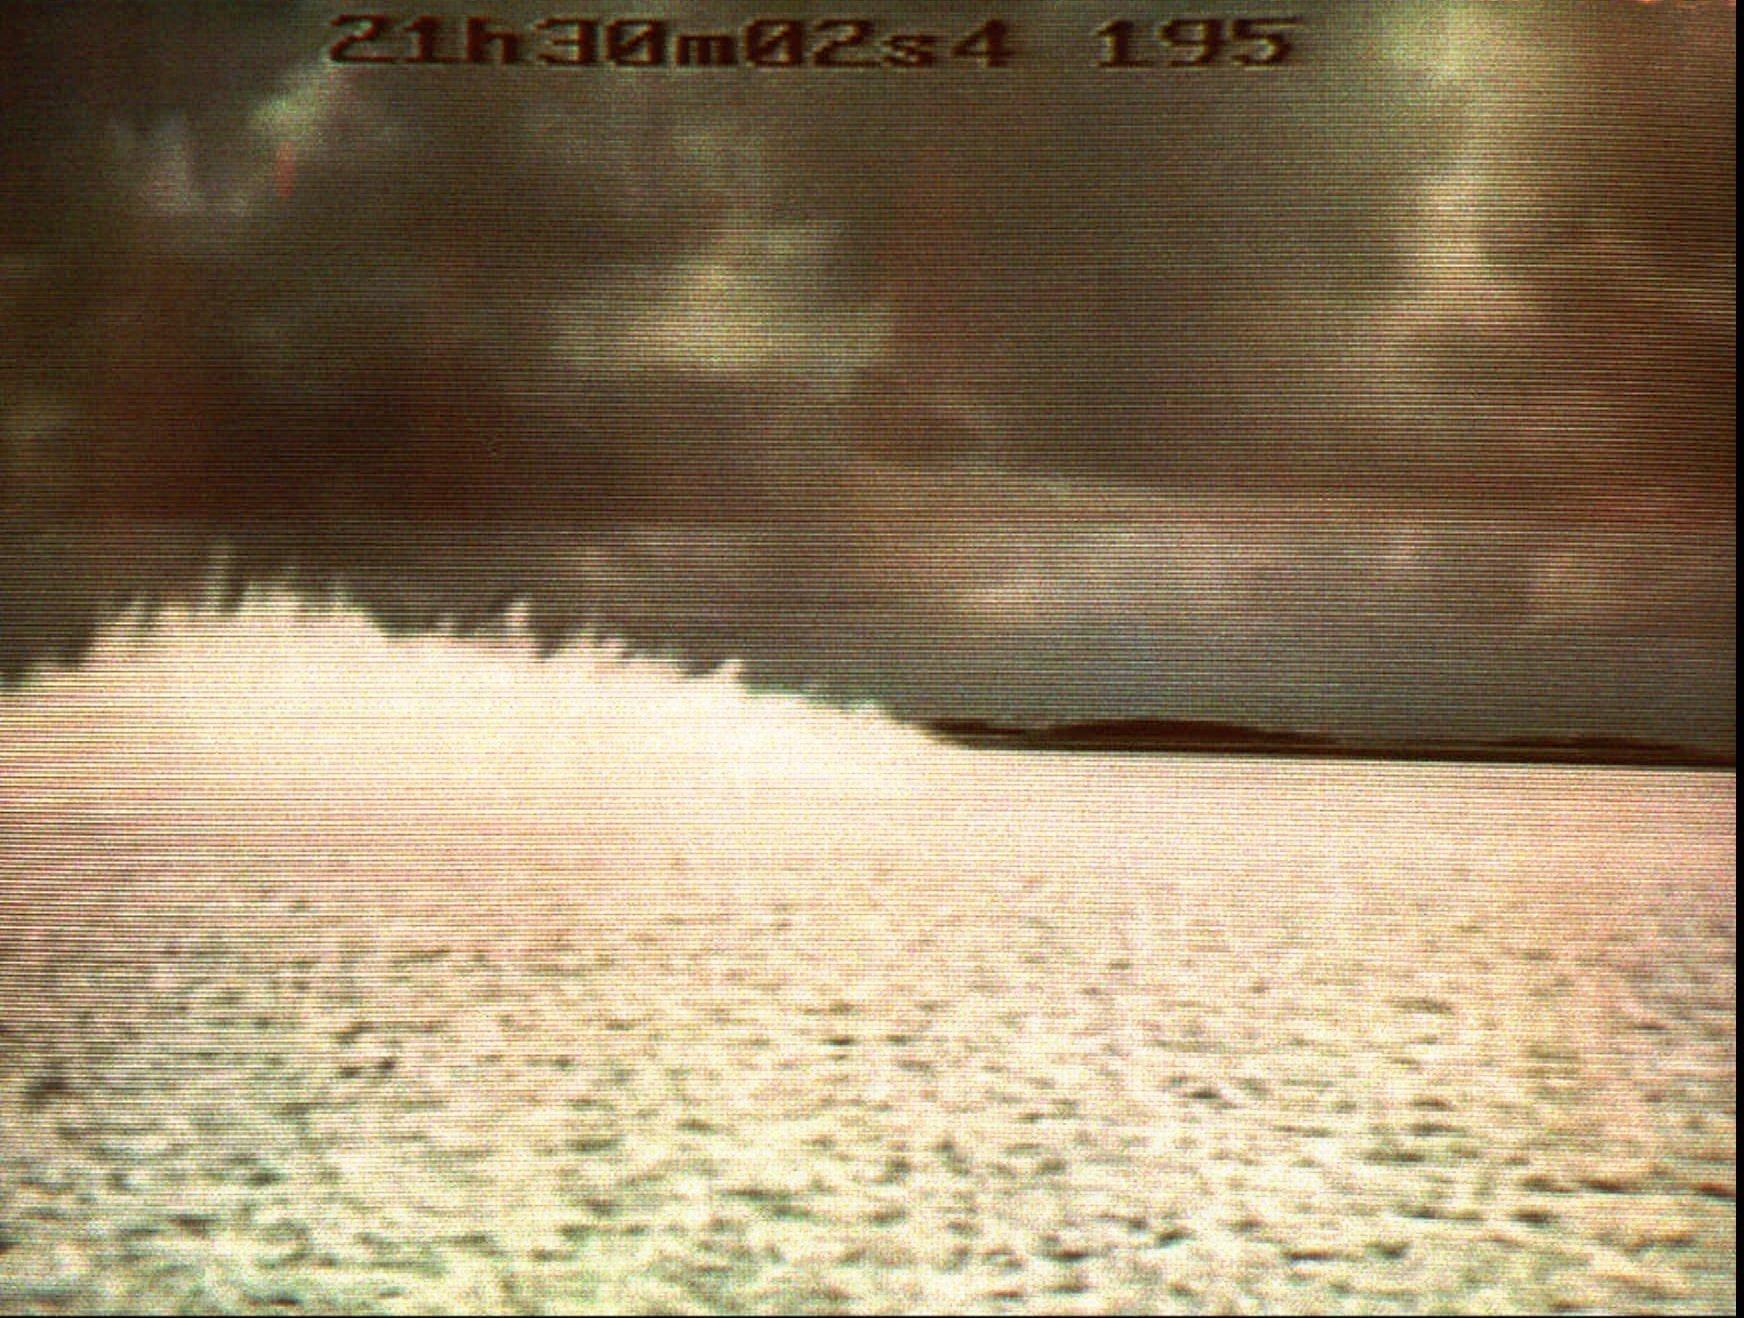 L'eau du Pacifique entre en ébullition après un essai nucléaire français (5 septembre 1995)